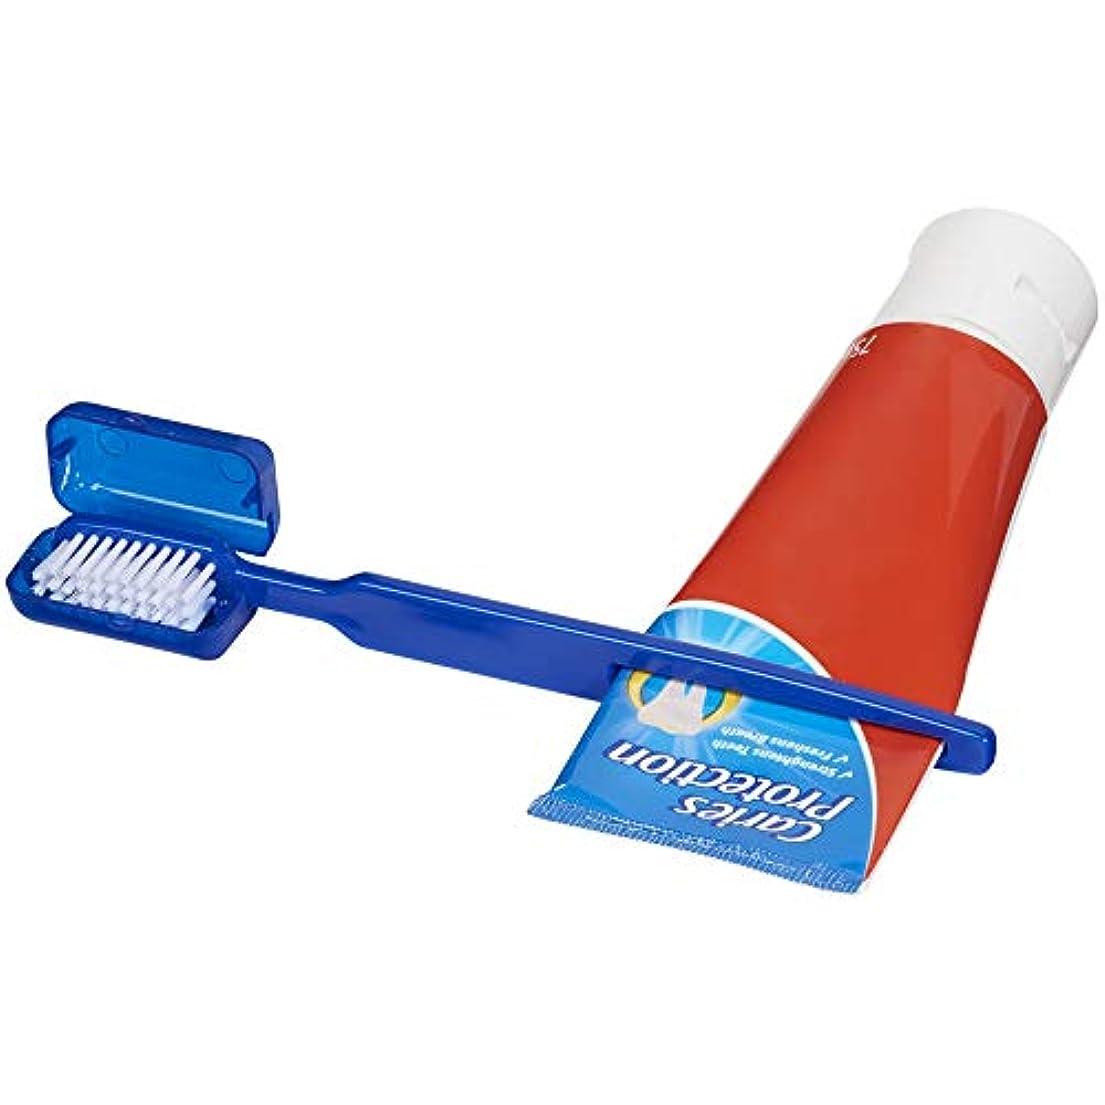 スリッパ浴機密(ブレット) Bullet チューブしぼり器つき 歯ブラシ (ワンサイズ) (ブルー)